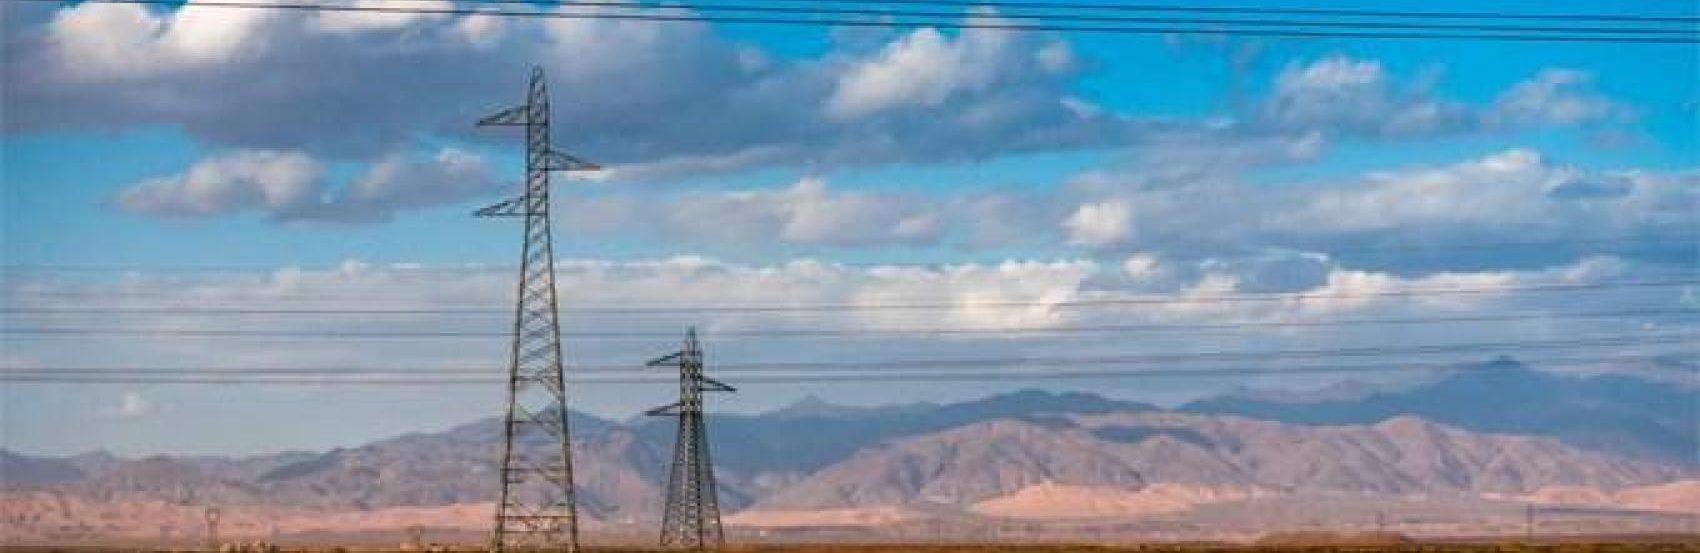 Pour une refonte des politiques énergétiques et minières en Afrique